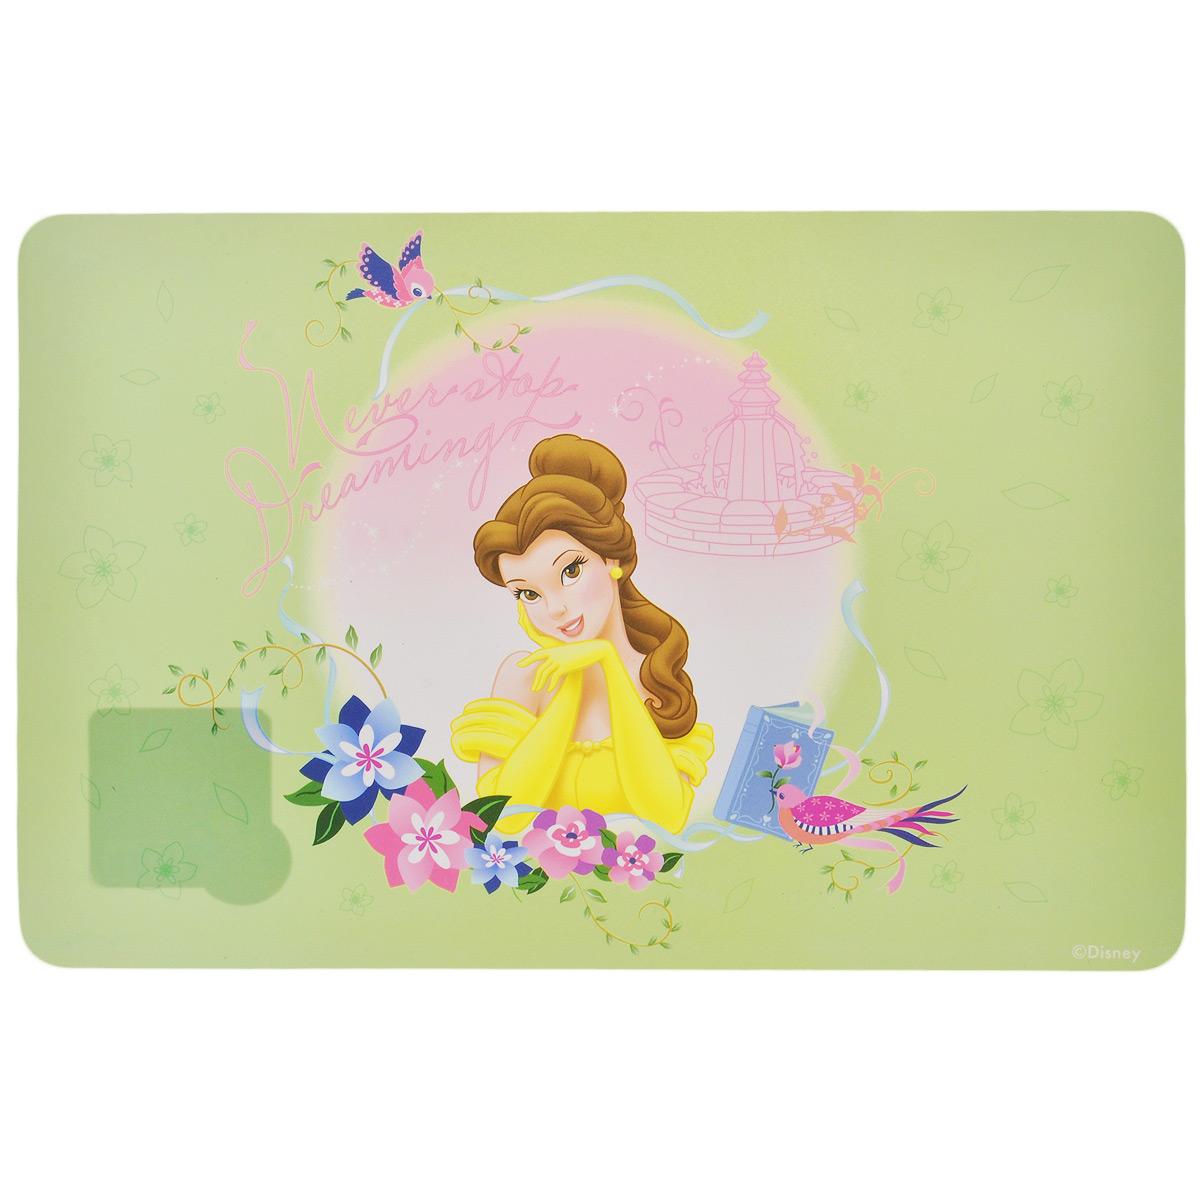 Термосалфетка Disney Принцессы. Белль, 43 х 28 см60640салатовыйТермосалфетка Disney Принцессы, изготовленная из полипропилена, прекрасно подойдет для сервировки стола. Салфетка декорирована красочным изображением принцессы Белль из мультфильма Красавица и чудовище. Поверхность матовая. Термосалфетки защищают поверхность стола от воздействия высоких температур, влаги и загрязнений. Могут использоваться для детского творчества (рисования, лепки из пластилина) в качестве защитного покрытия, а также как подставки под вазы, кухонные приборы и другое. Стильный дизайн красиво дополнит интерьер помещения.